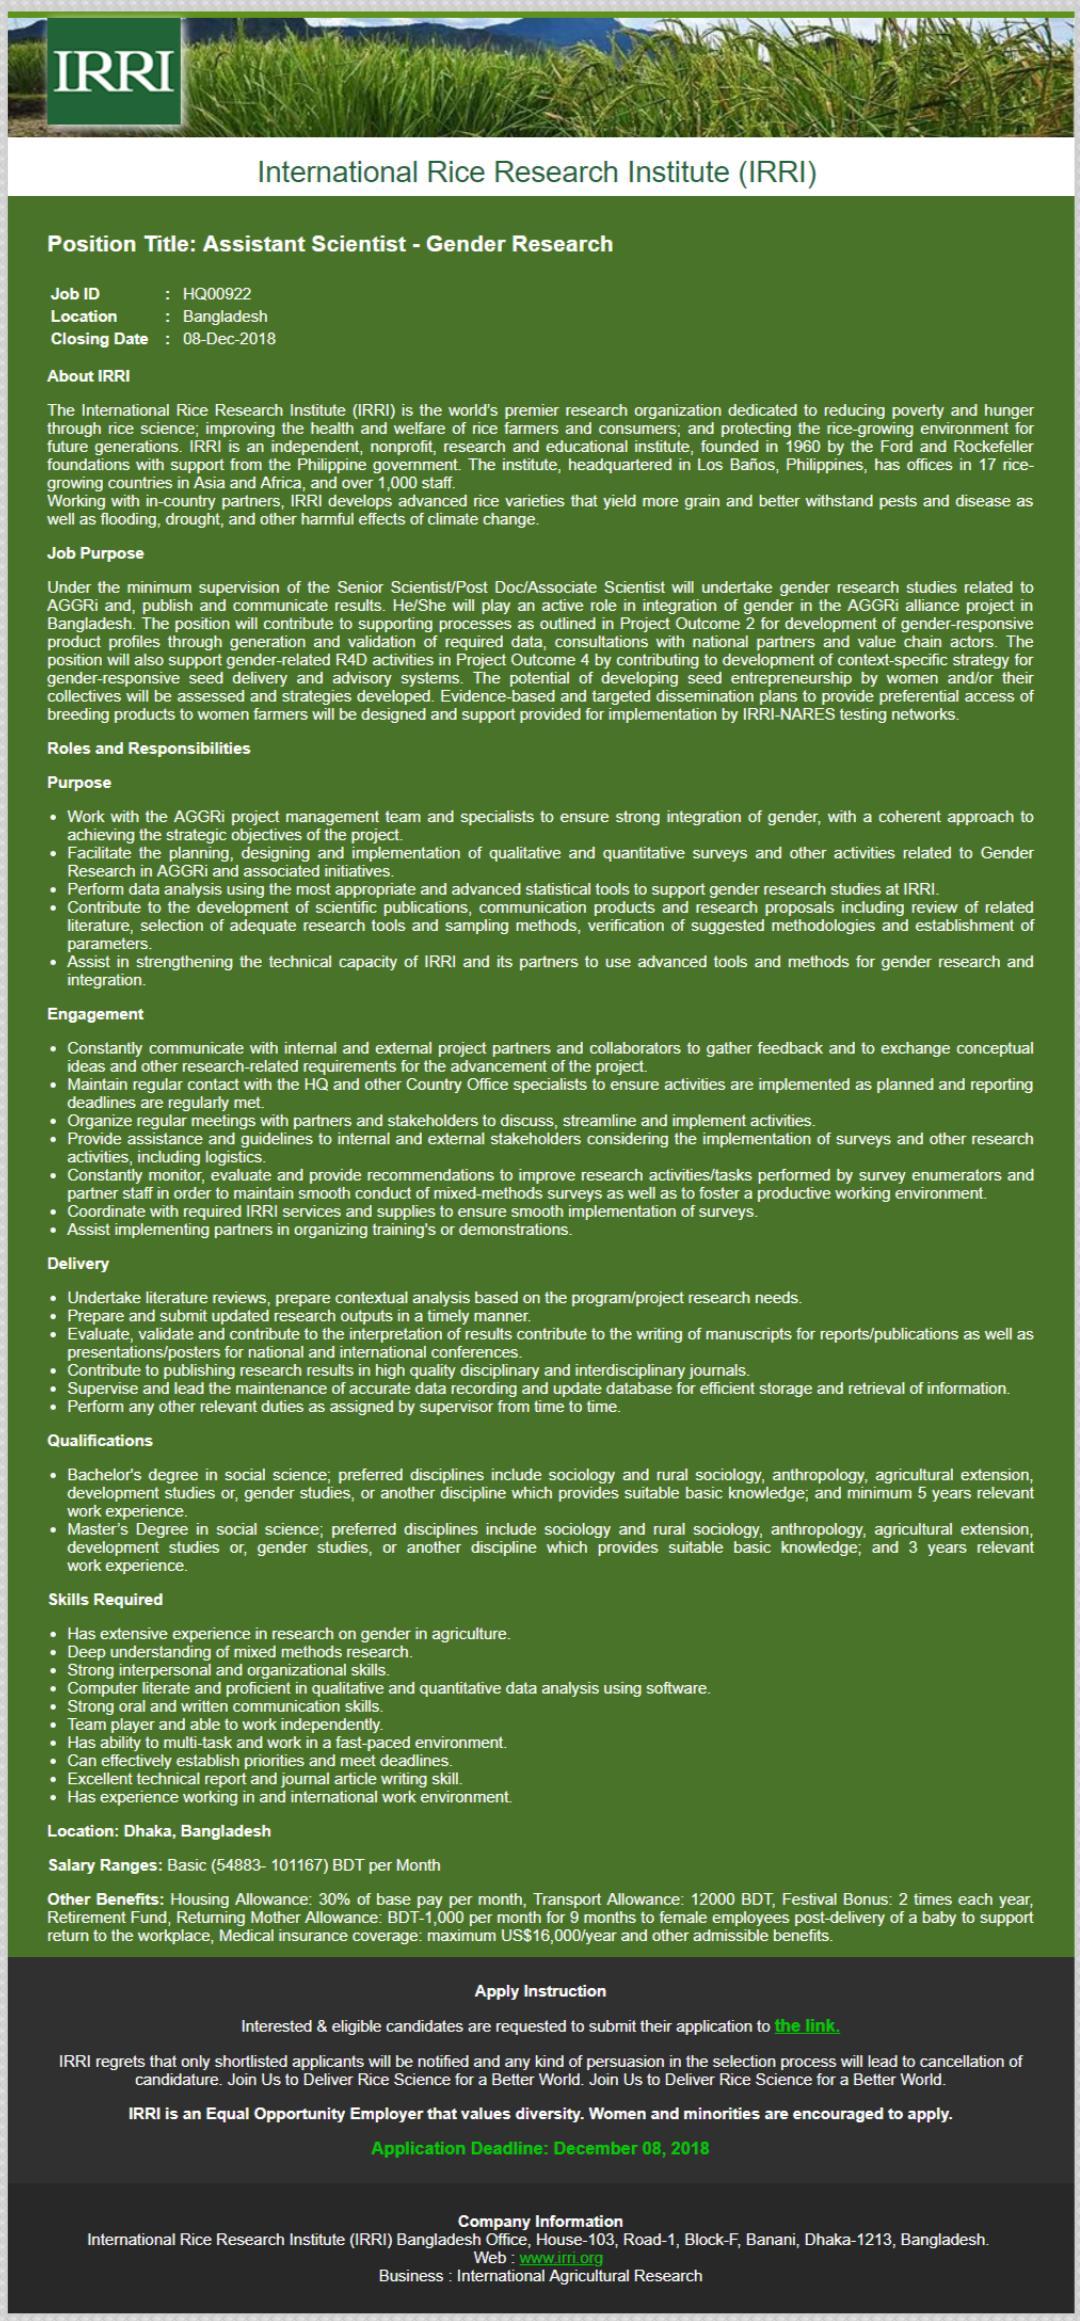 International Rice Research Institute (IRRI) (2)